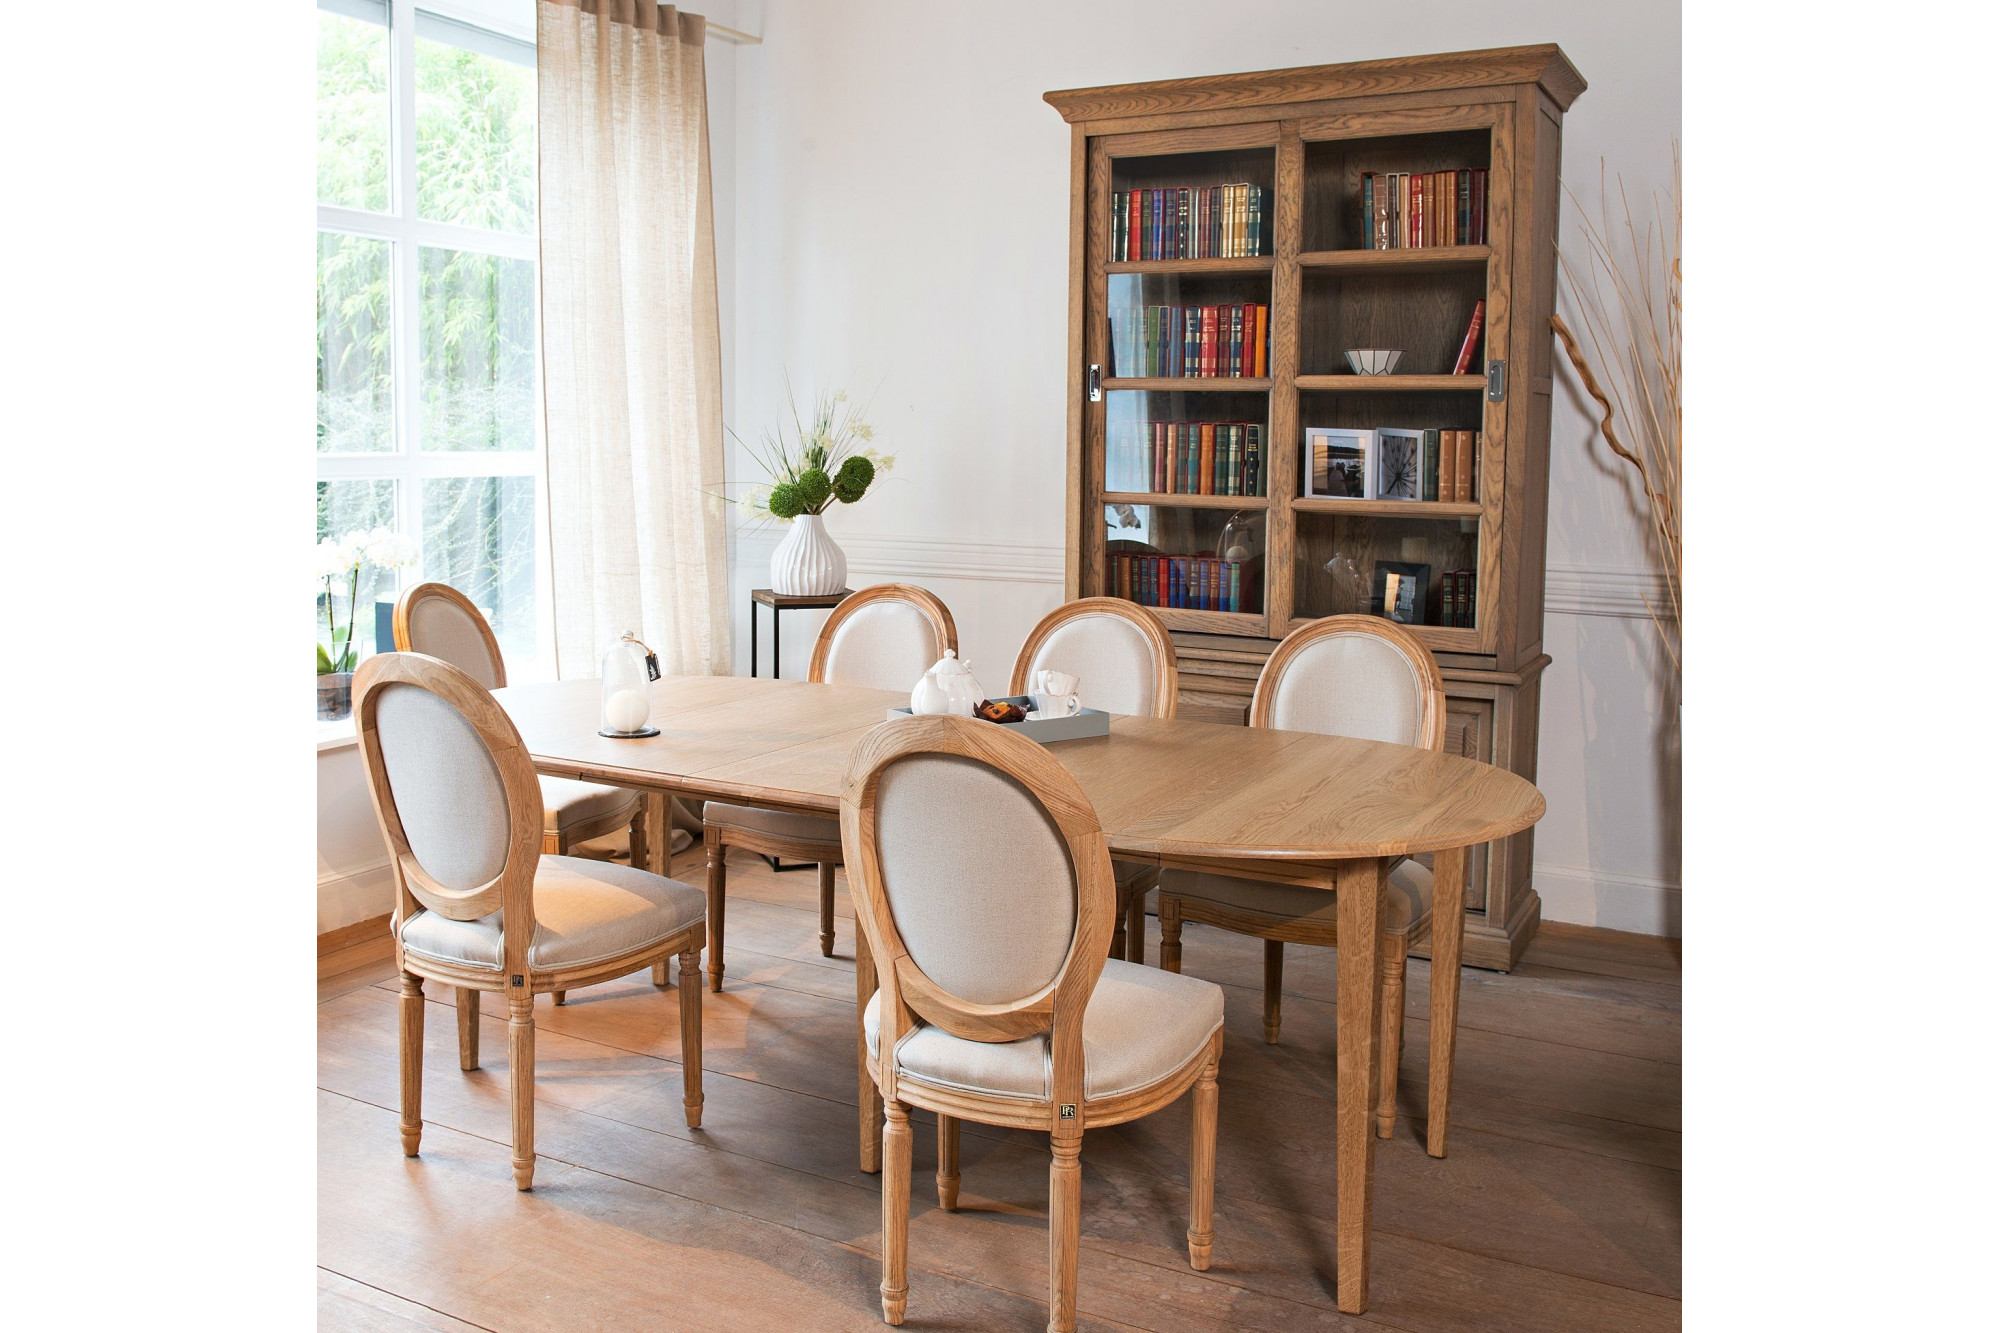 Table ronde bois à rallonges - 115 cm - Pieds fuseau - VICTORIA. Appuyez  pour agrandir 4e892b074cea